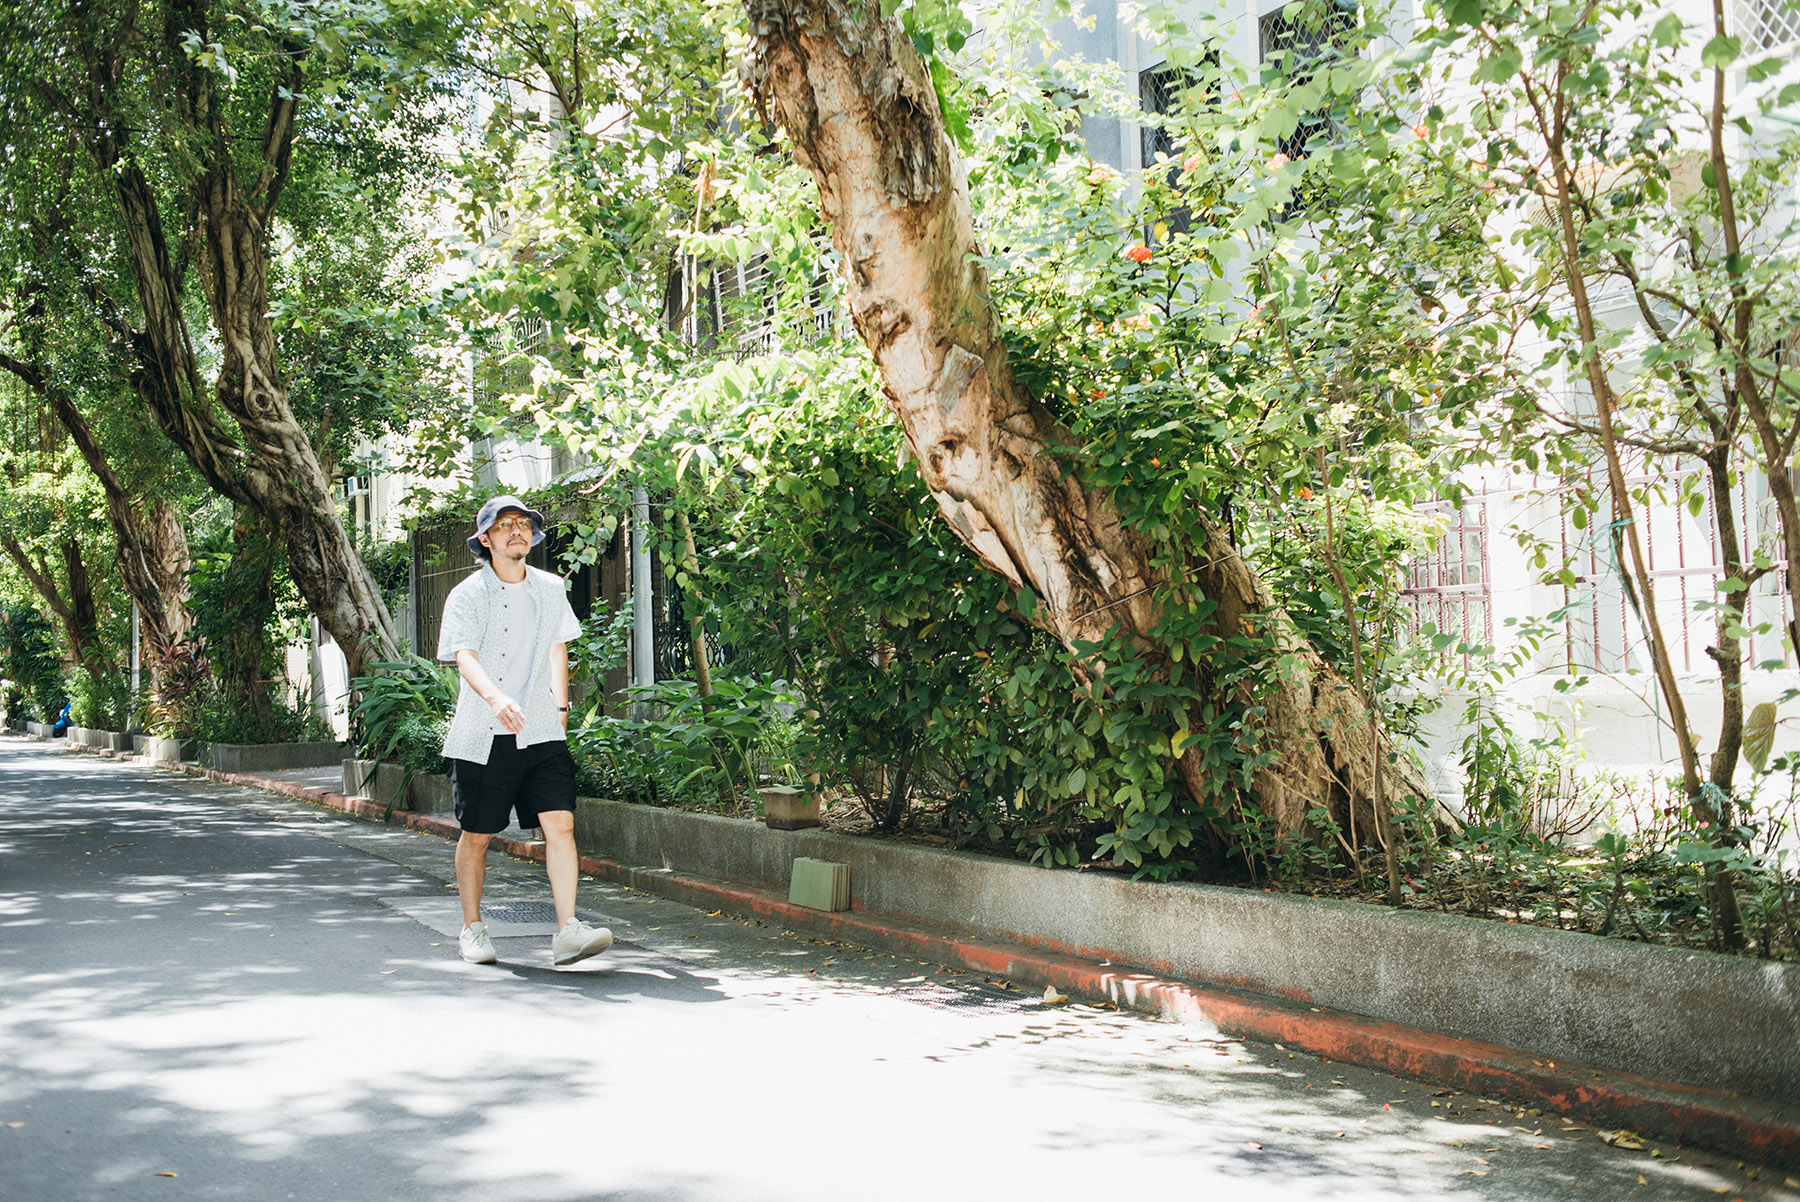 工作室「究方社」位於民生社區,街道上的綠意成為方序中散步發想不可或缺的要件。